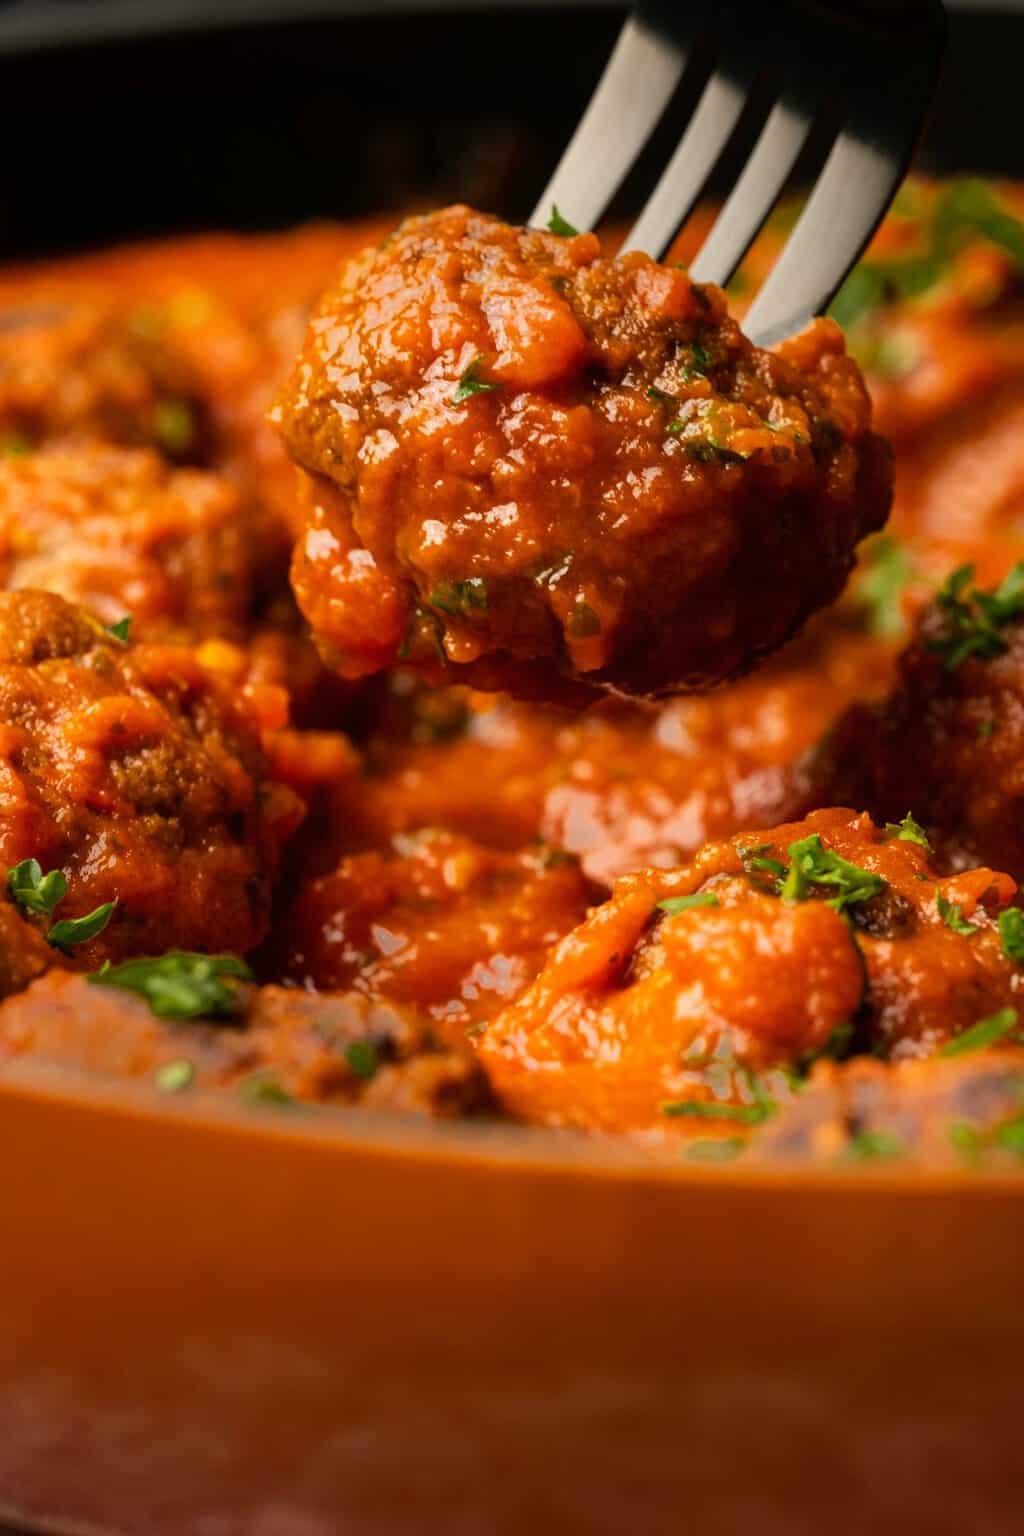 Vegan meatball on a fork.